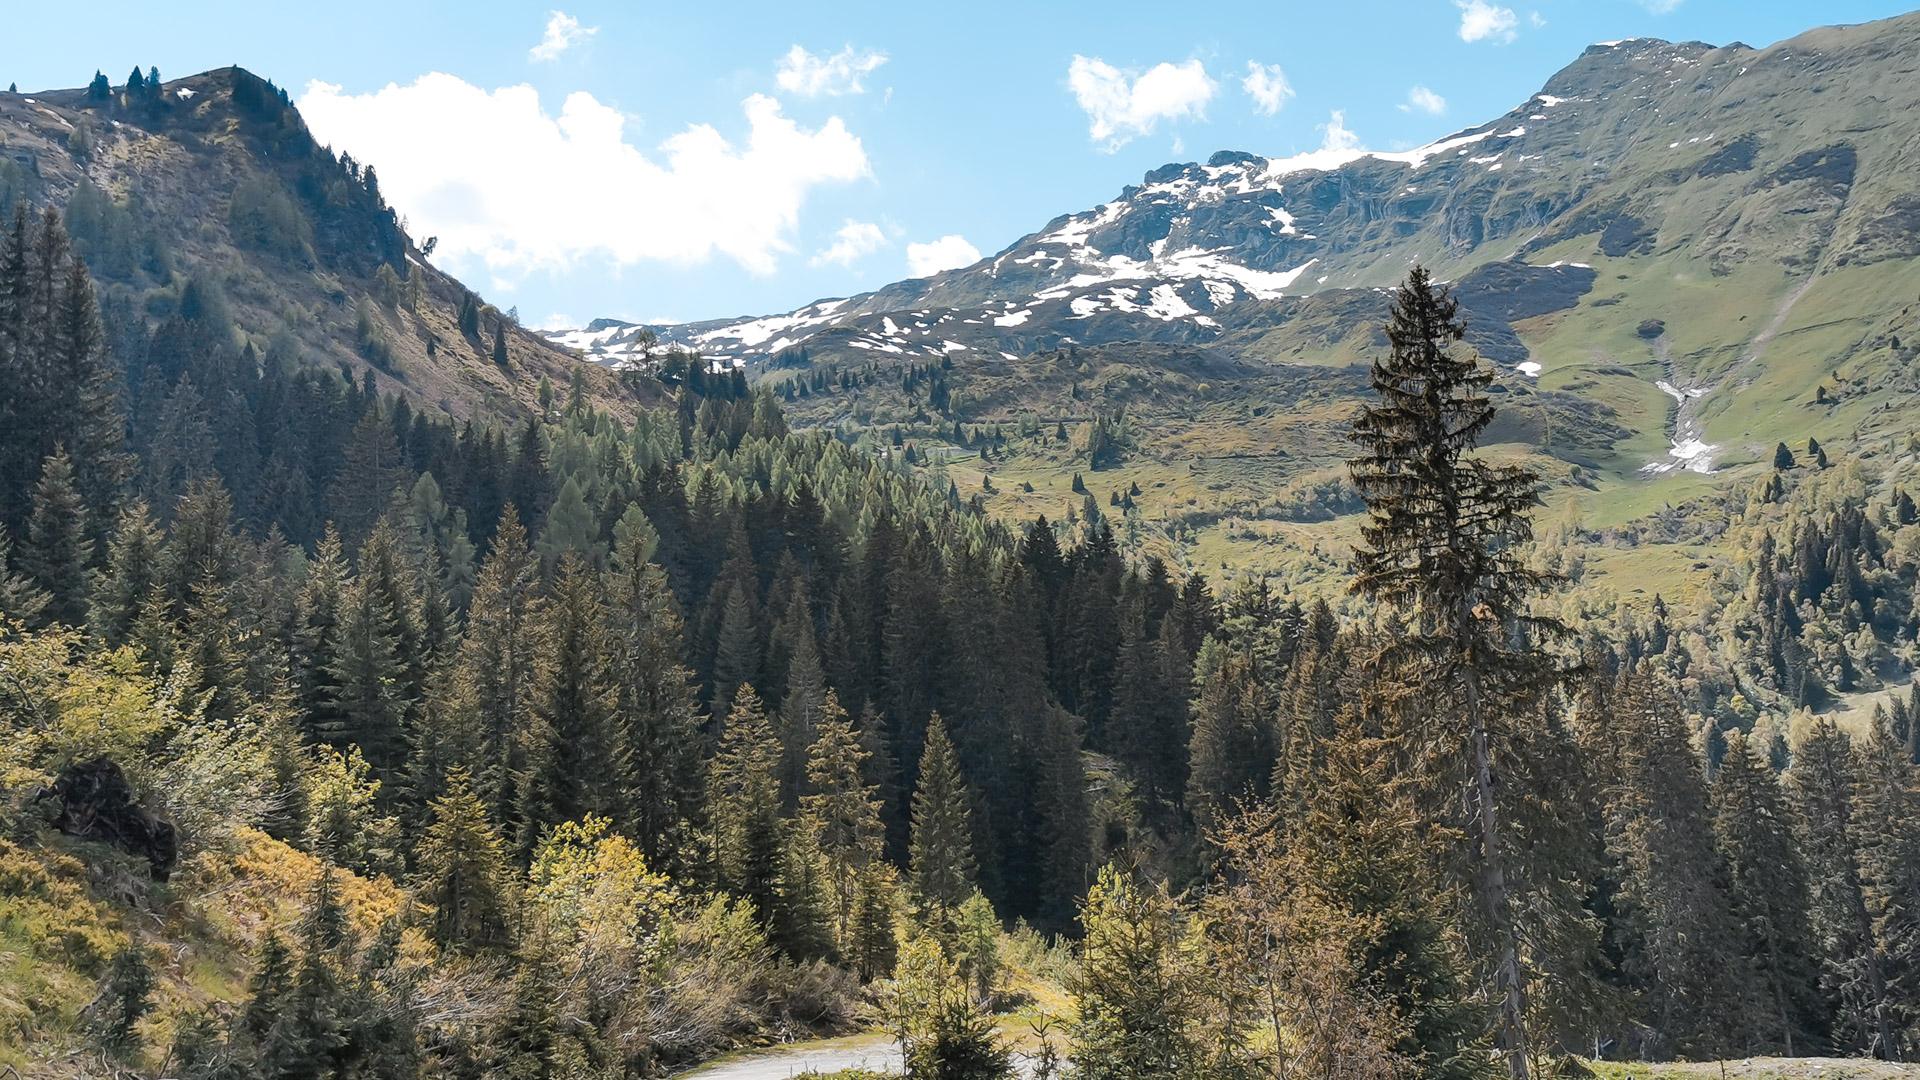 Aussicht von der Alm auf das umliegende Gebirge